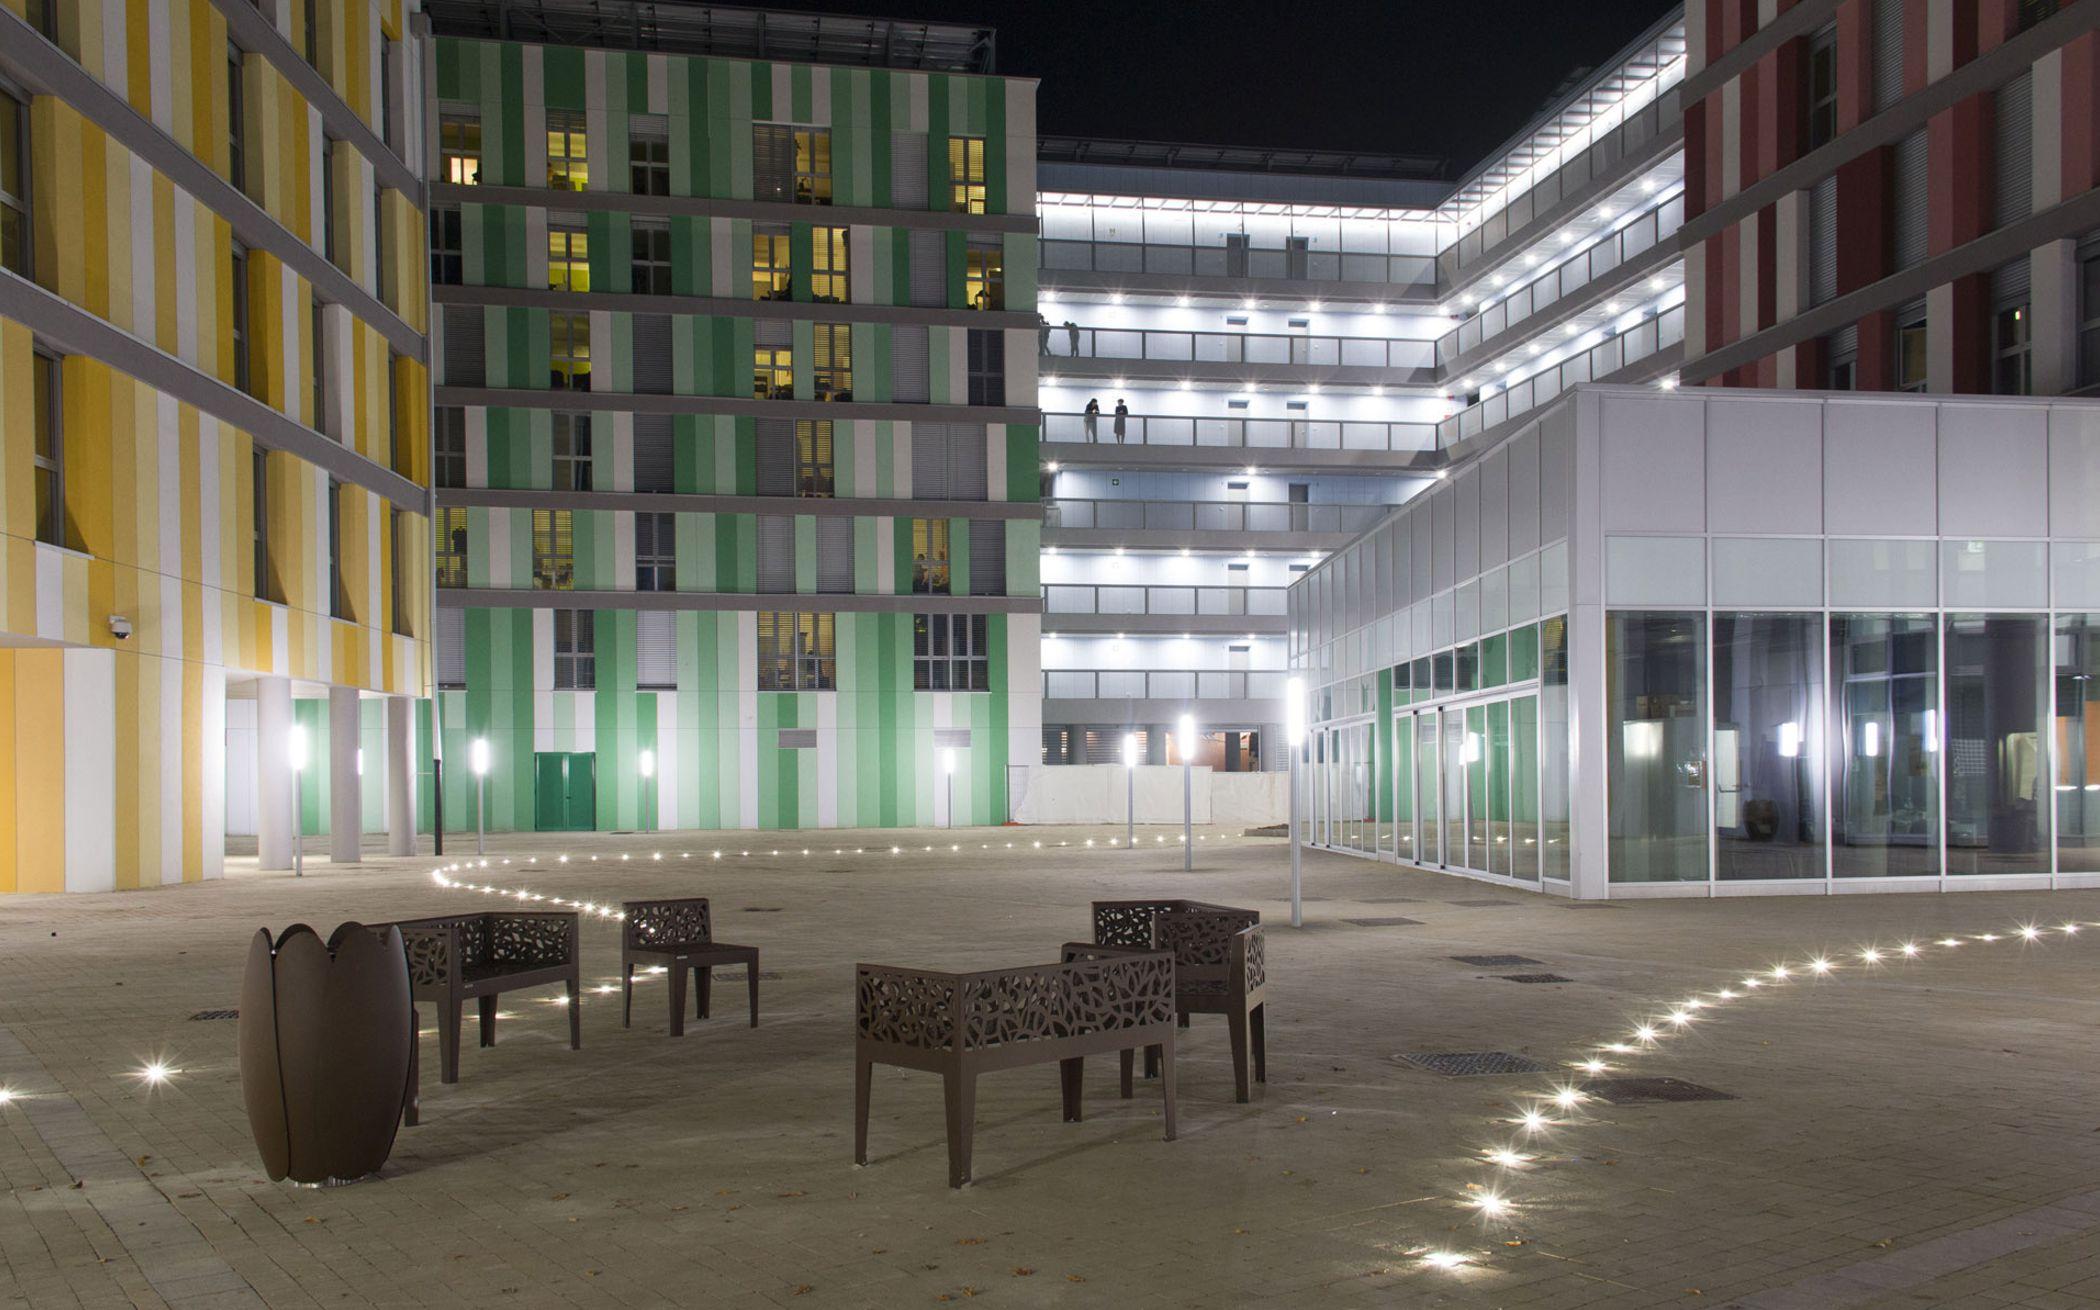 Aurel design urbain - Alfredo Tasca